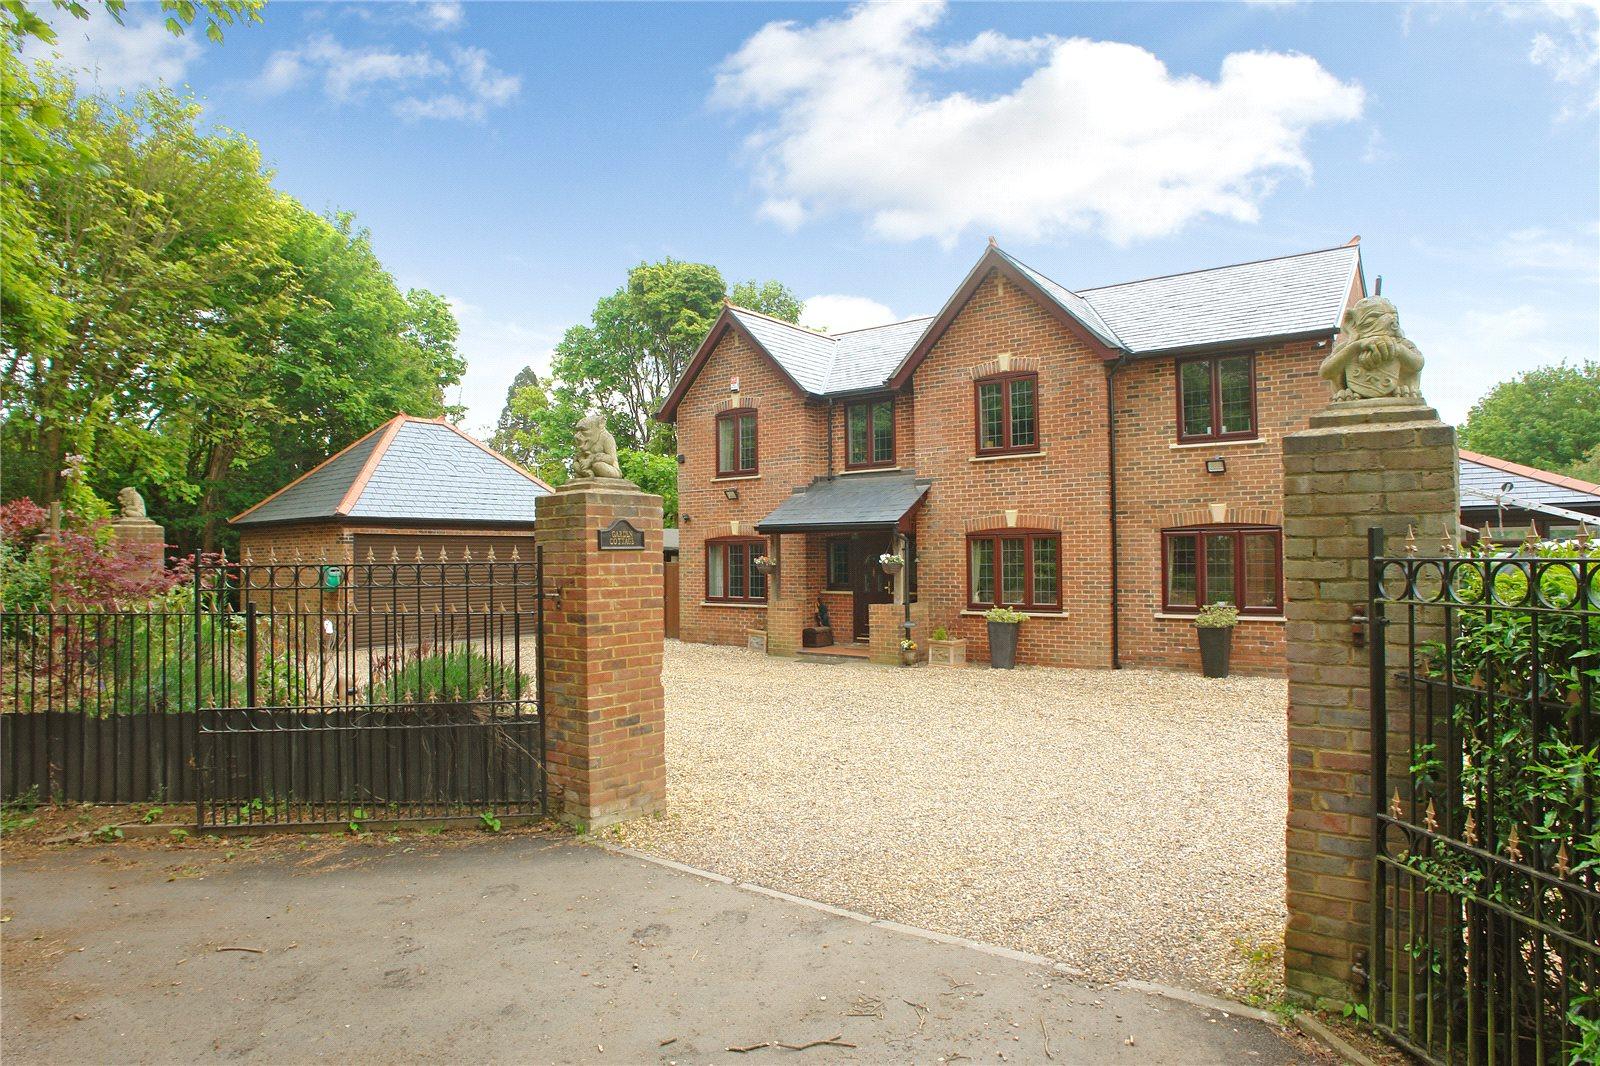 一戸建て のために 売買 アット Danesbury Park Road, Welwyn, Hertfordshire, AL6 Welwyn, イギリス